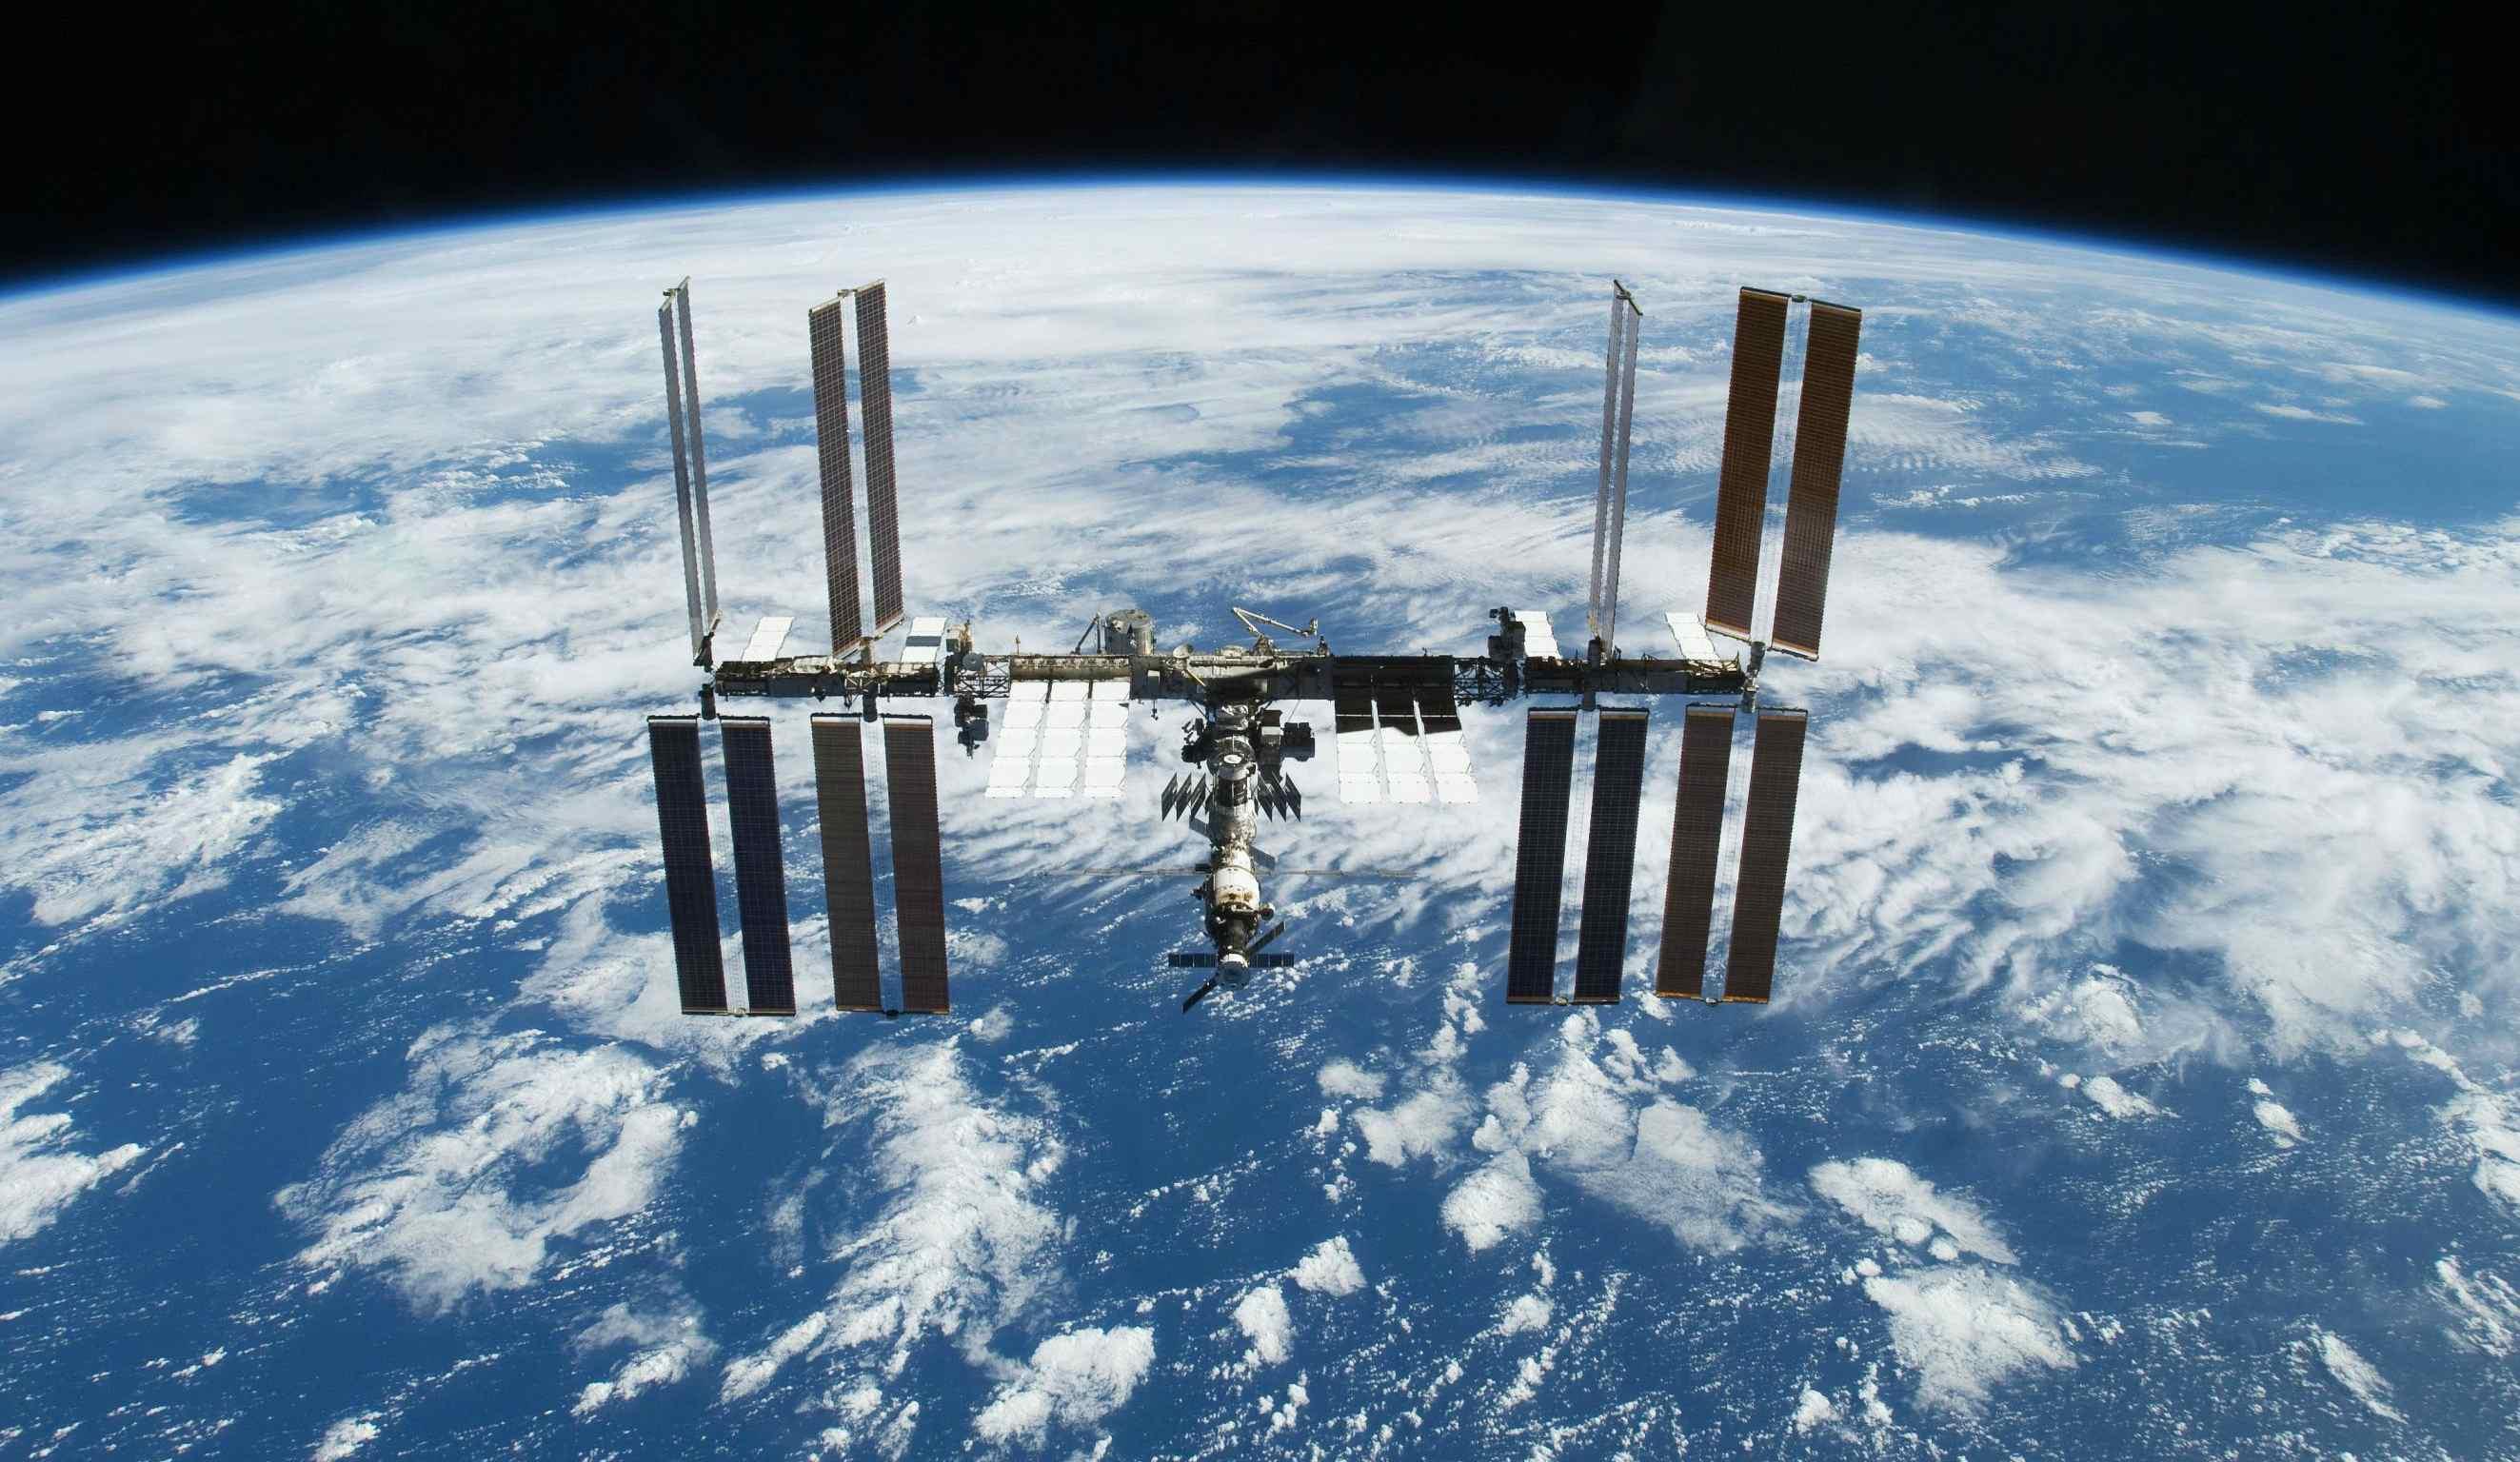 Dos astronautas colocaron dos cámaras de alta resolución para tener una mejor visión de las caminatas espaciales